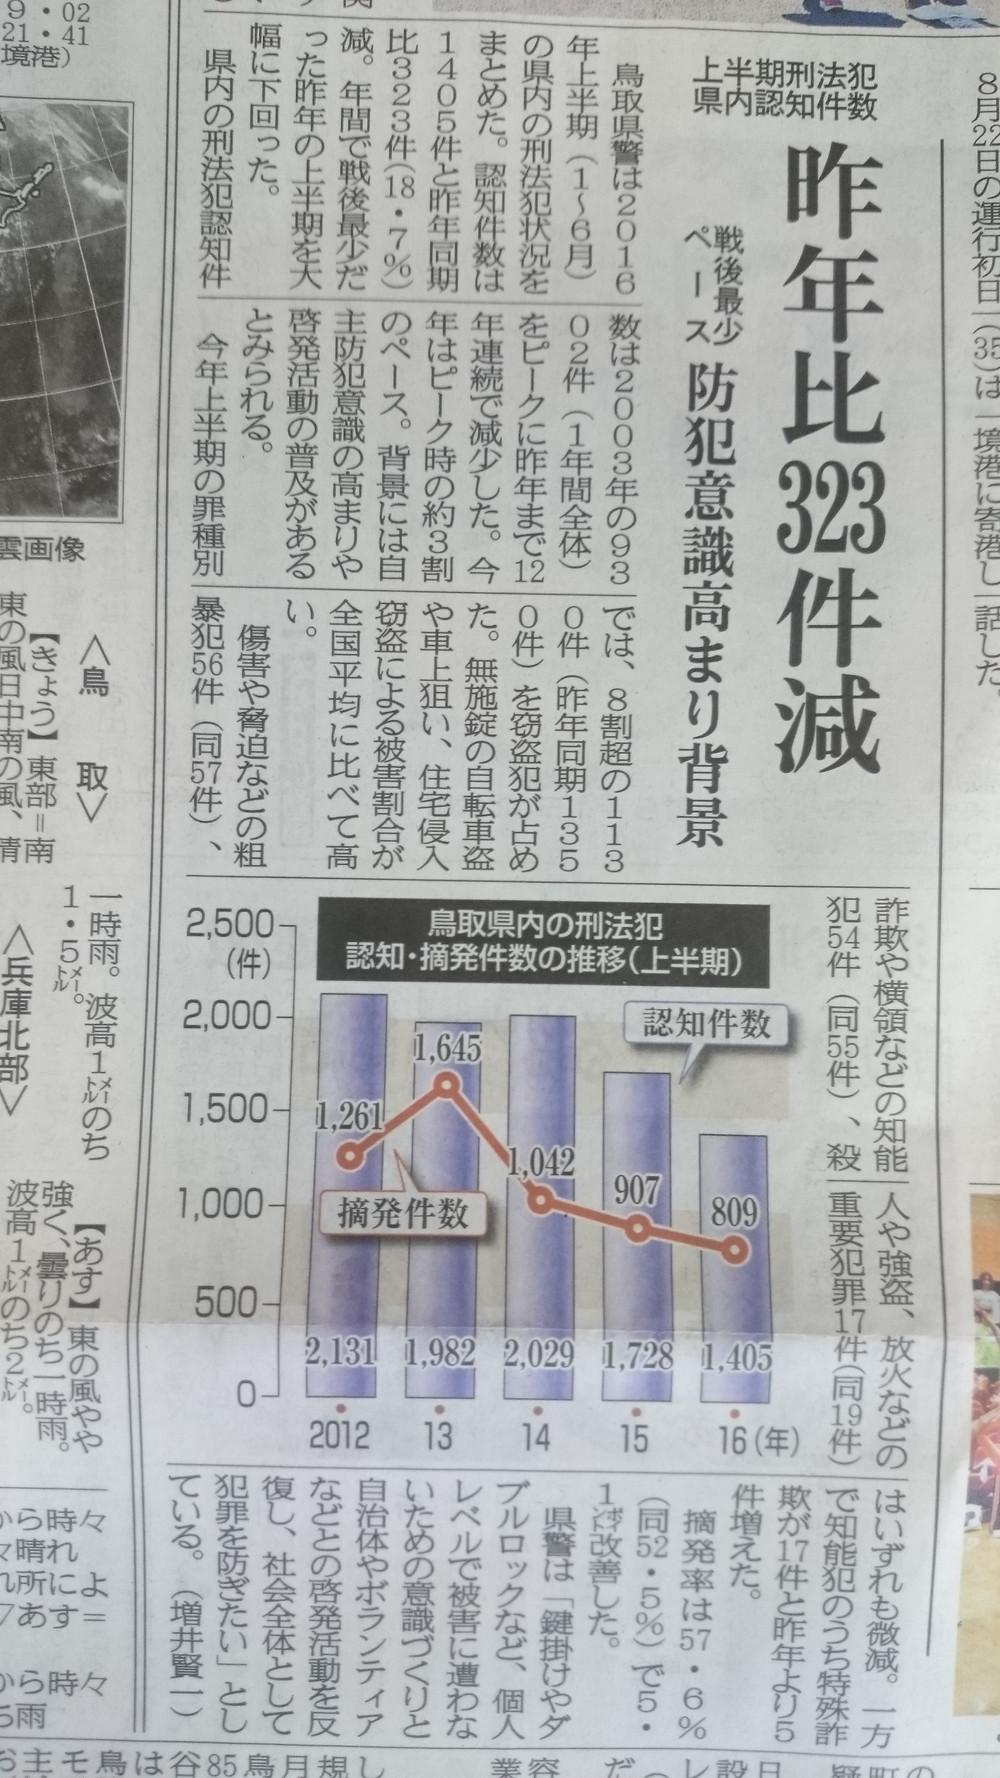 平成28年9月2日 日本海新聞より引用